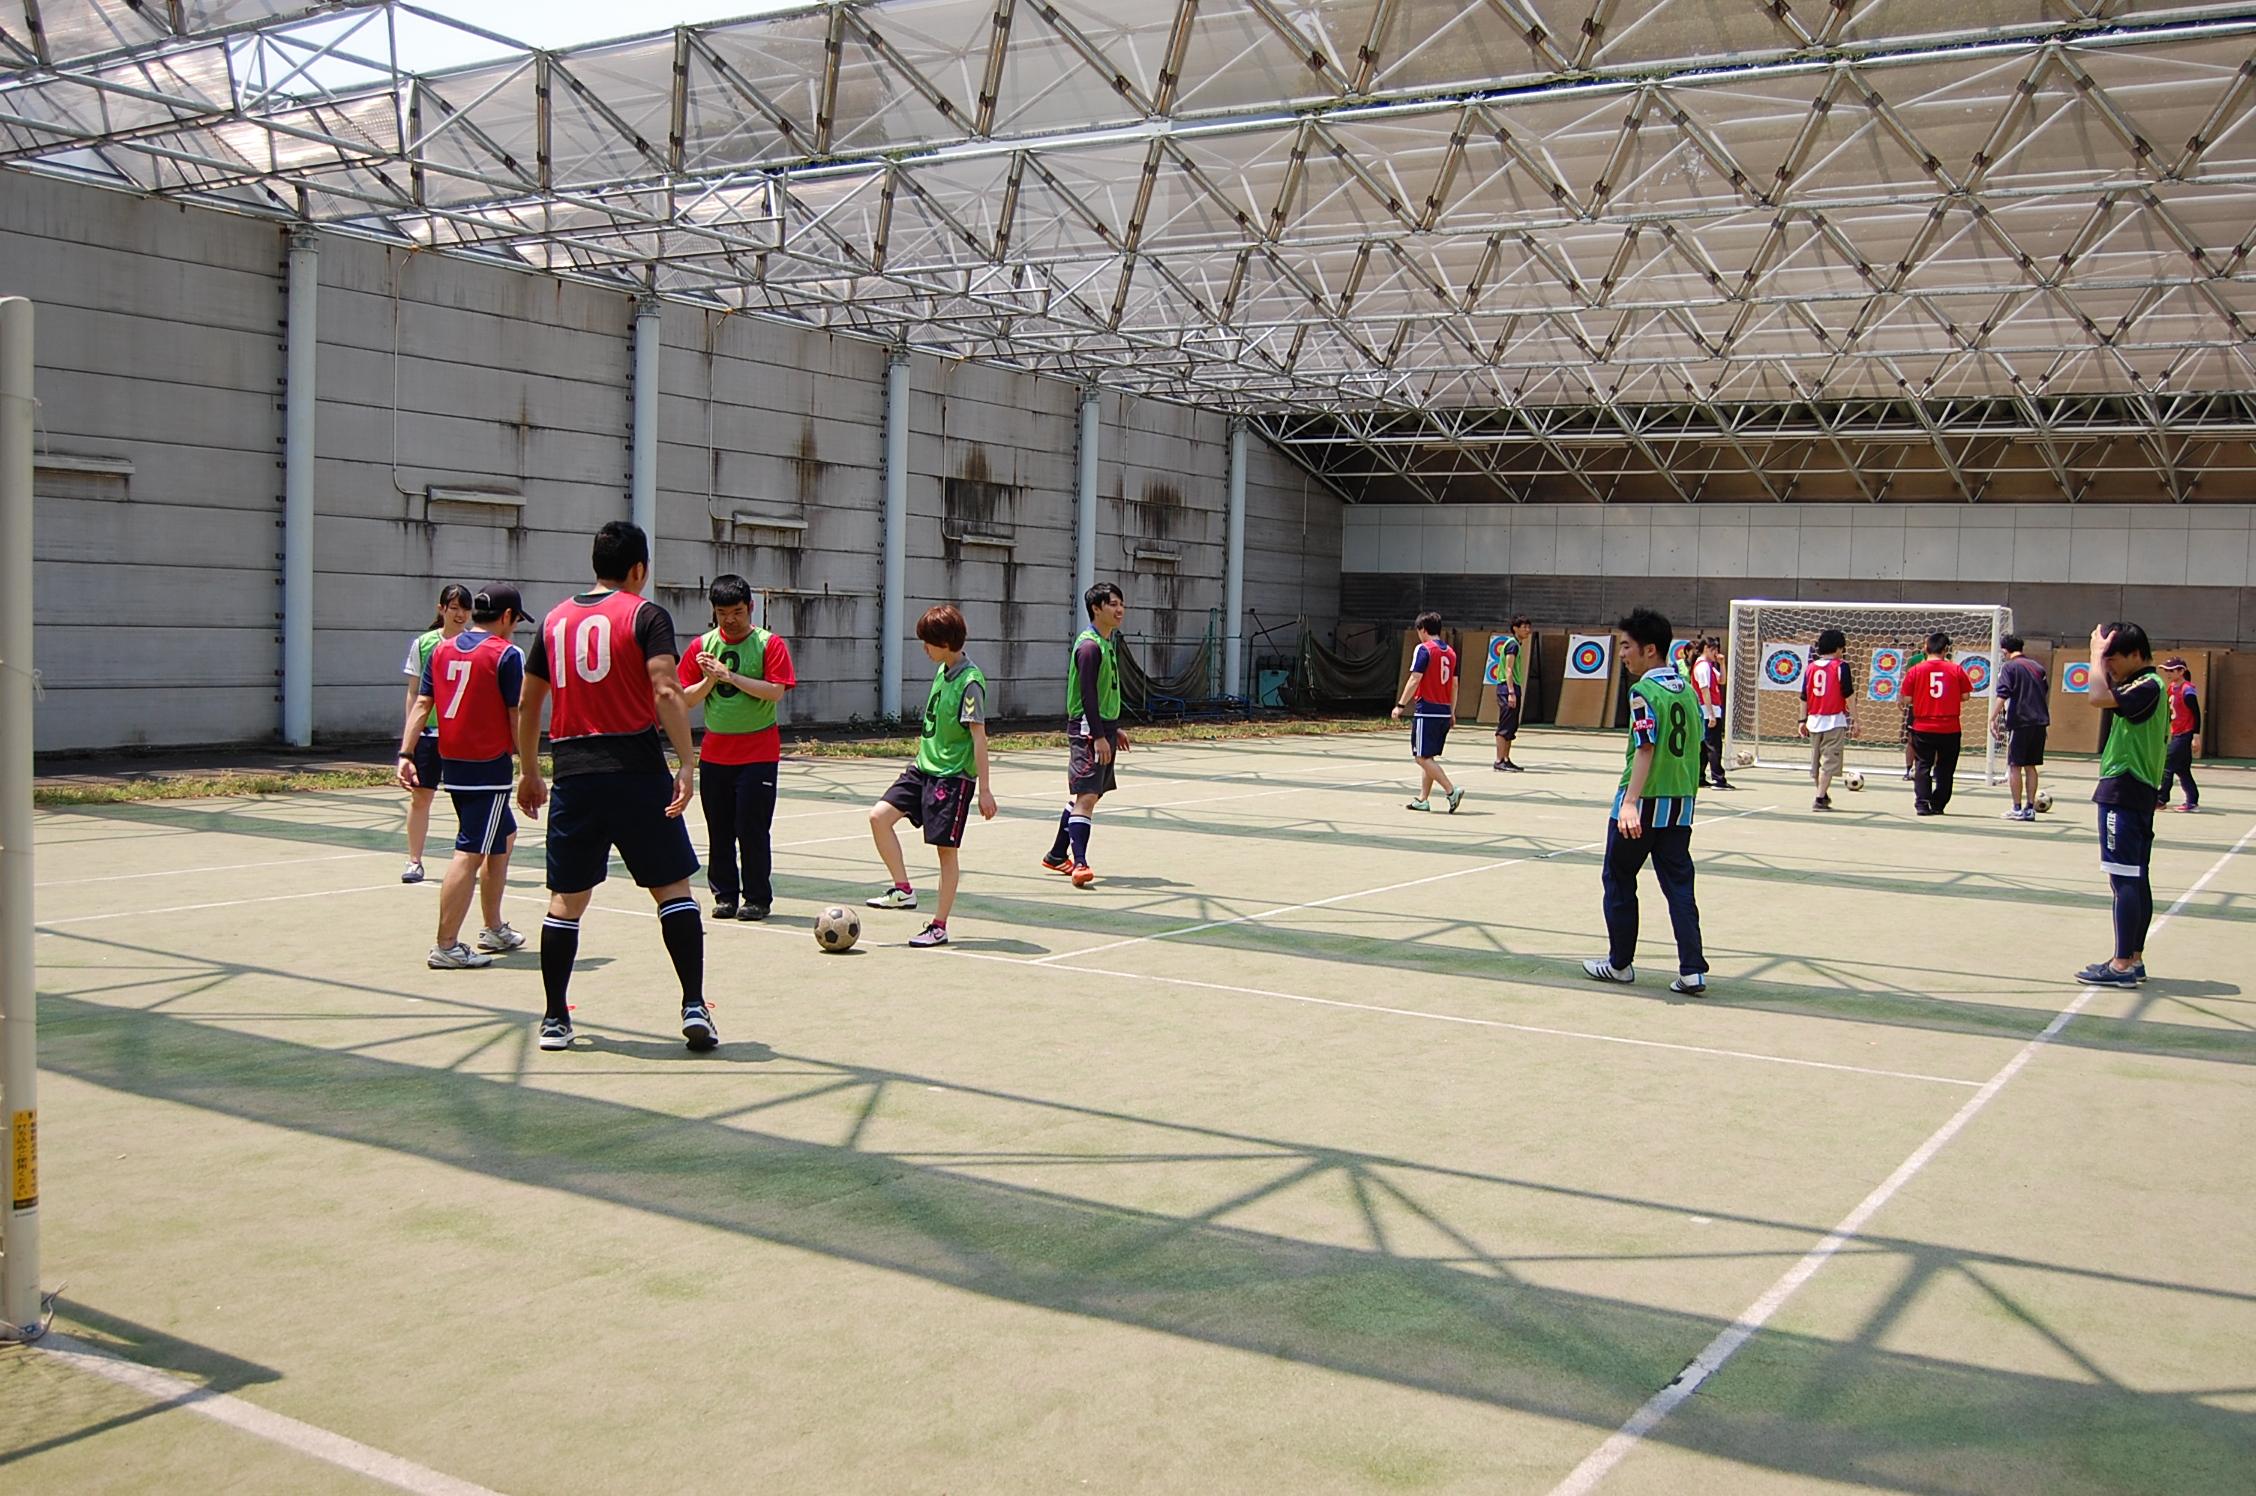 20160528112053 - 「めざせ!サッカー大会」教室